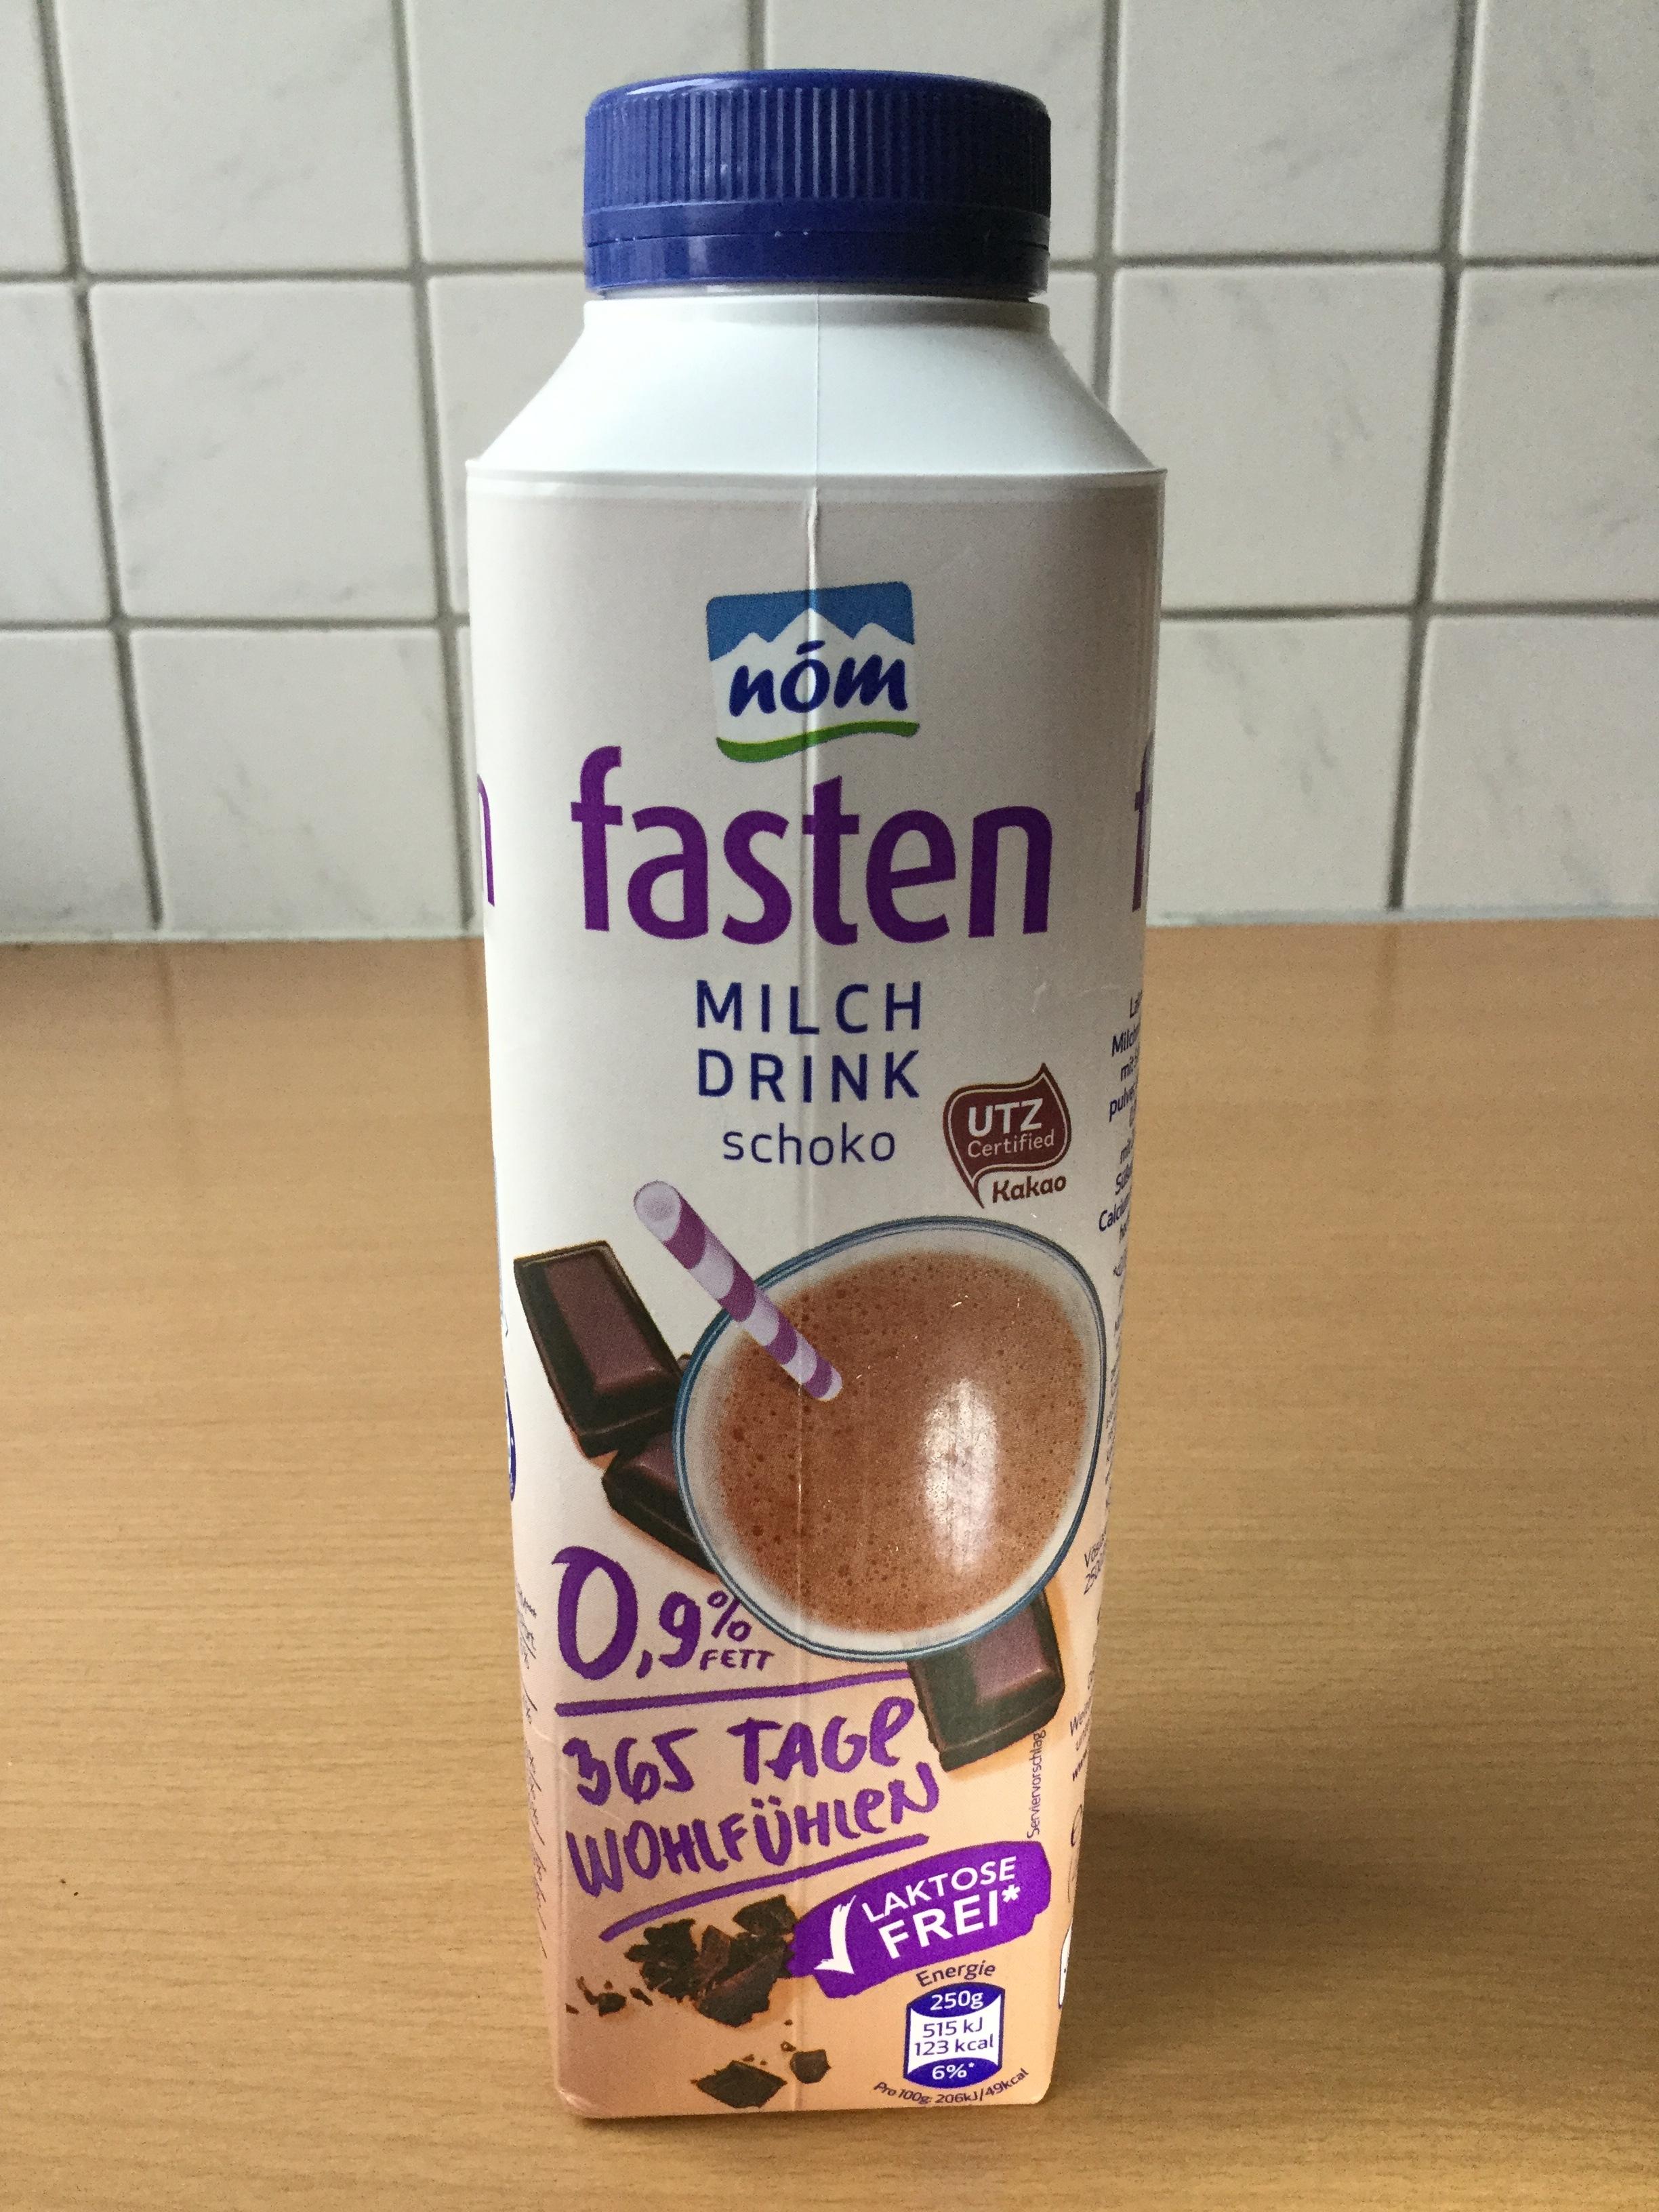 Nom Fasten Milch Drink Schoko Side 3